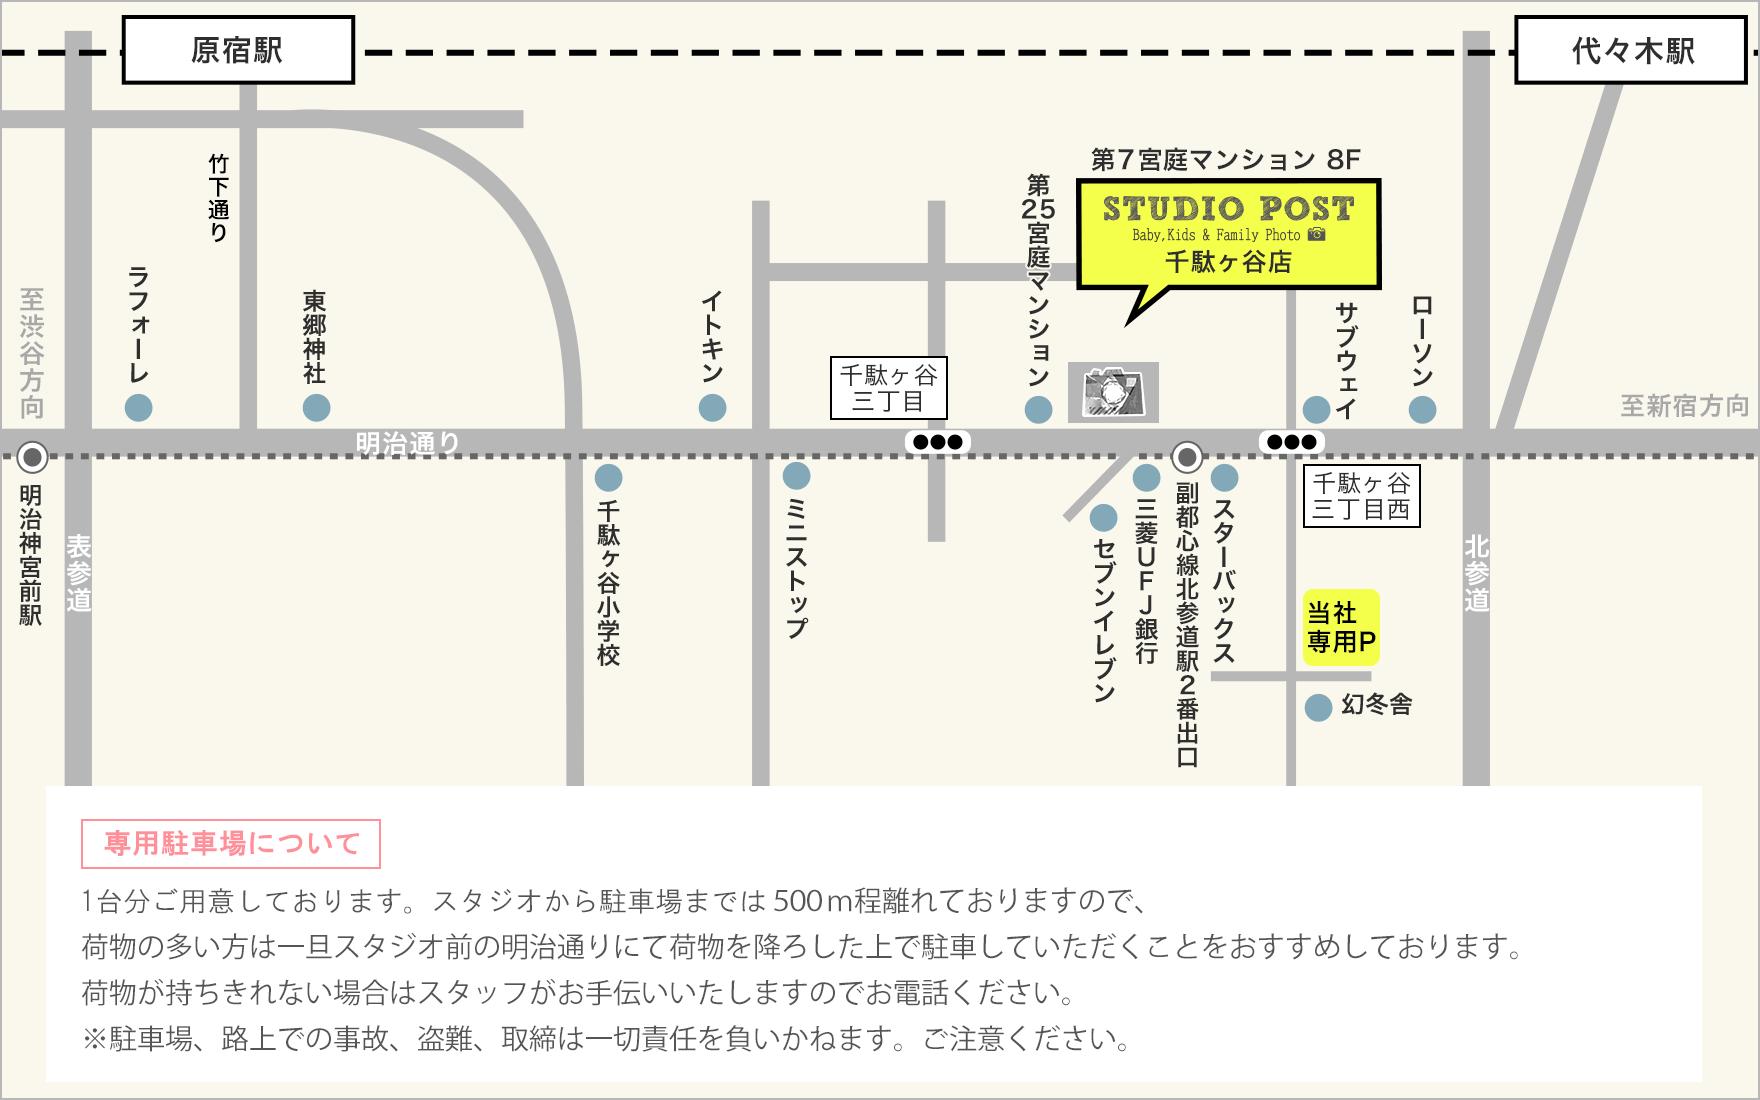 スタジオポスト 千駄ヶ谷店へのアクセス